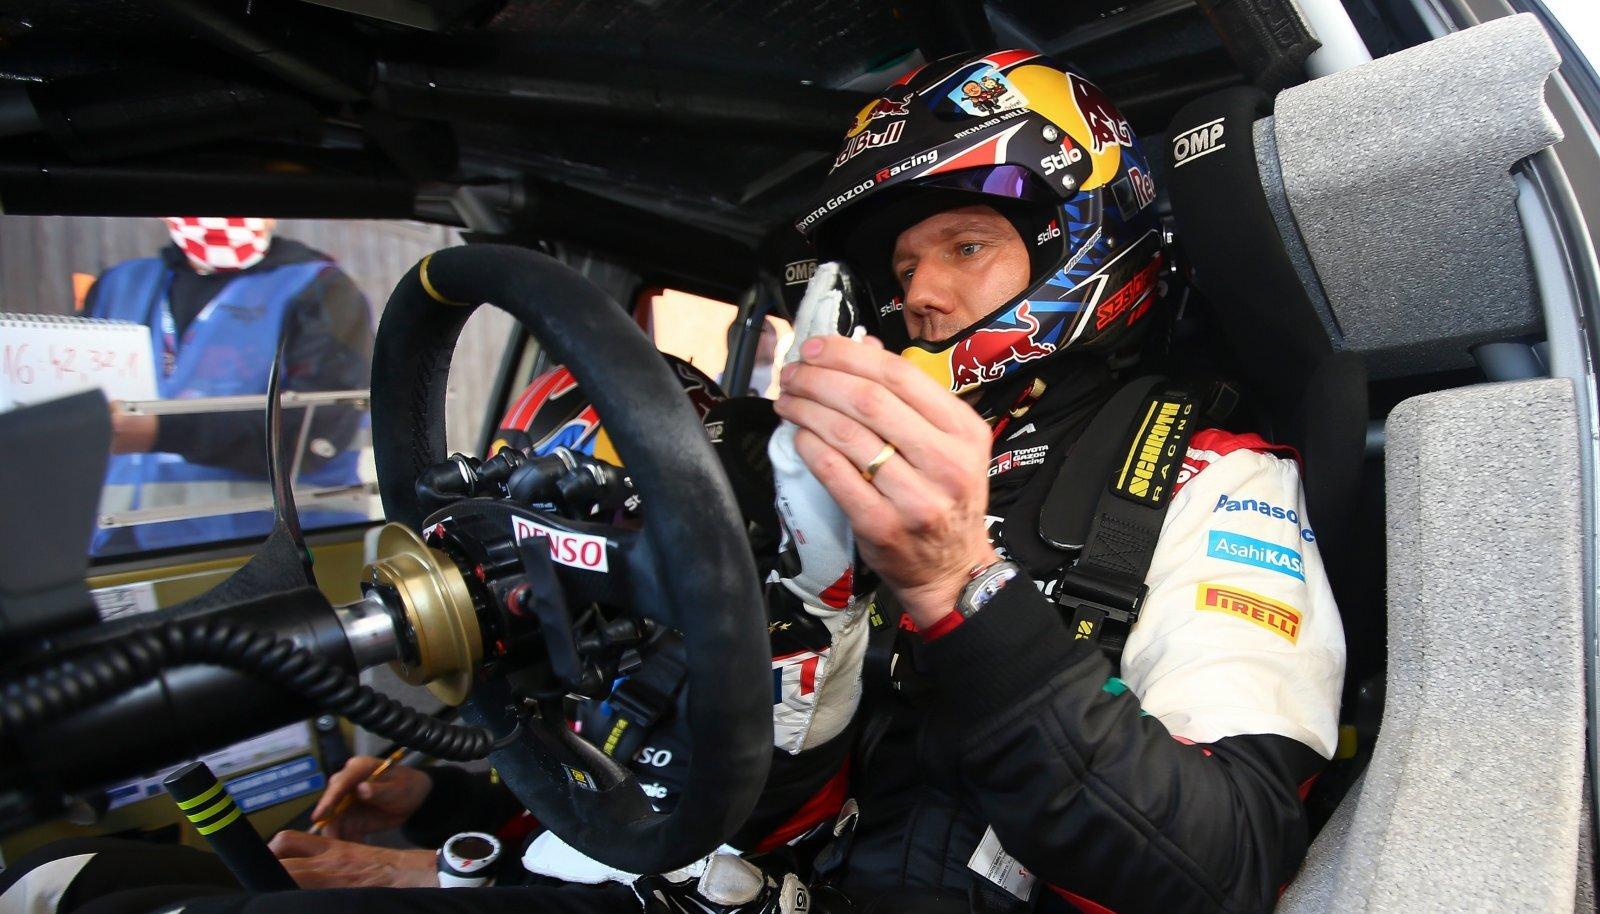 Sébastien Ogier soovib ralli MM-sarjas jätkata, kuid sõita ainult pooltel võidukihutamistel.